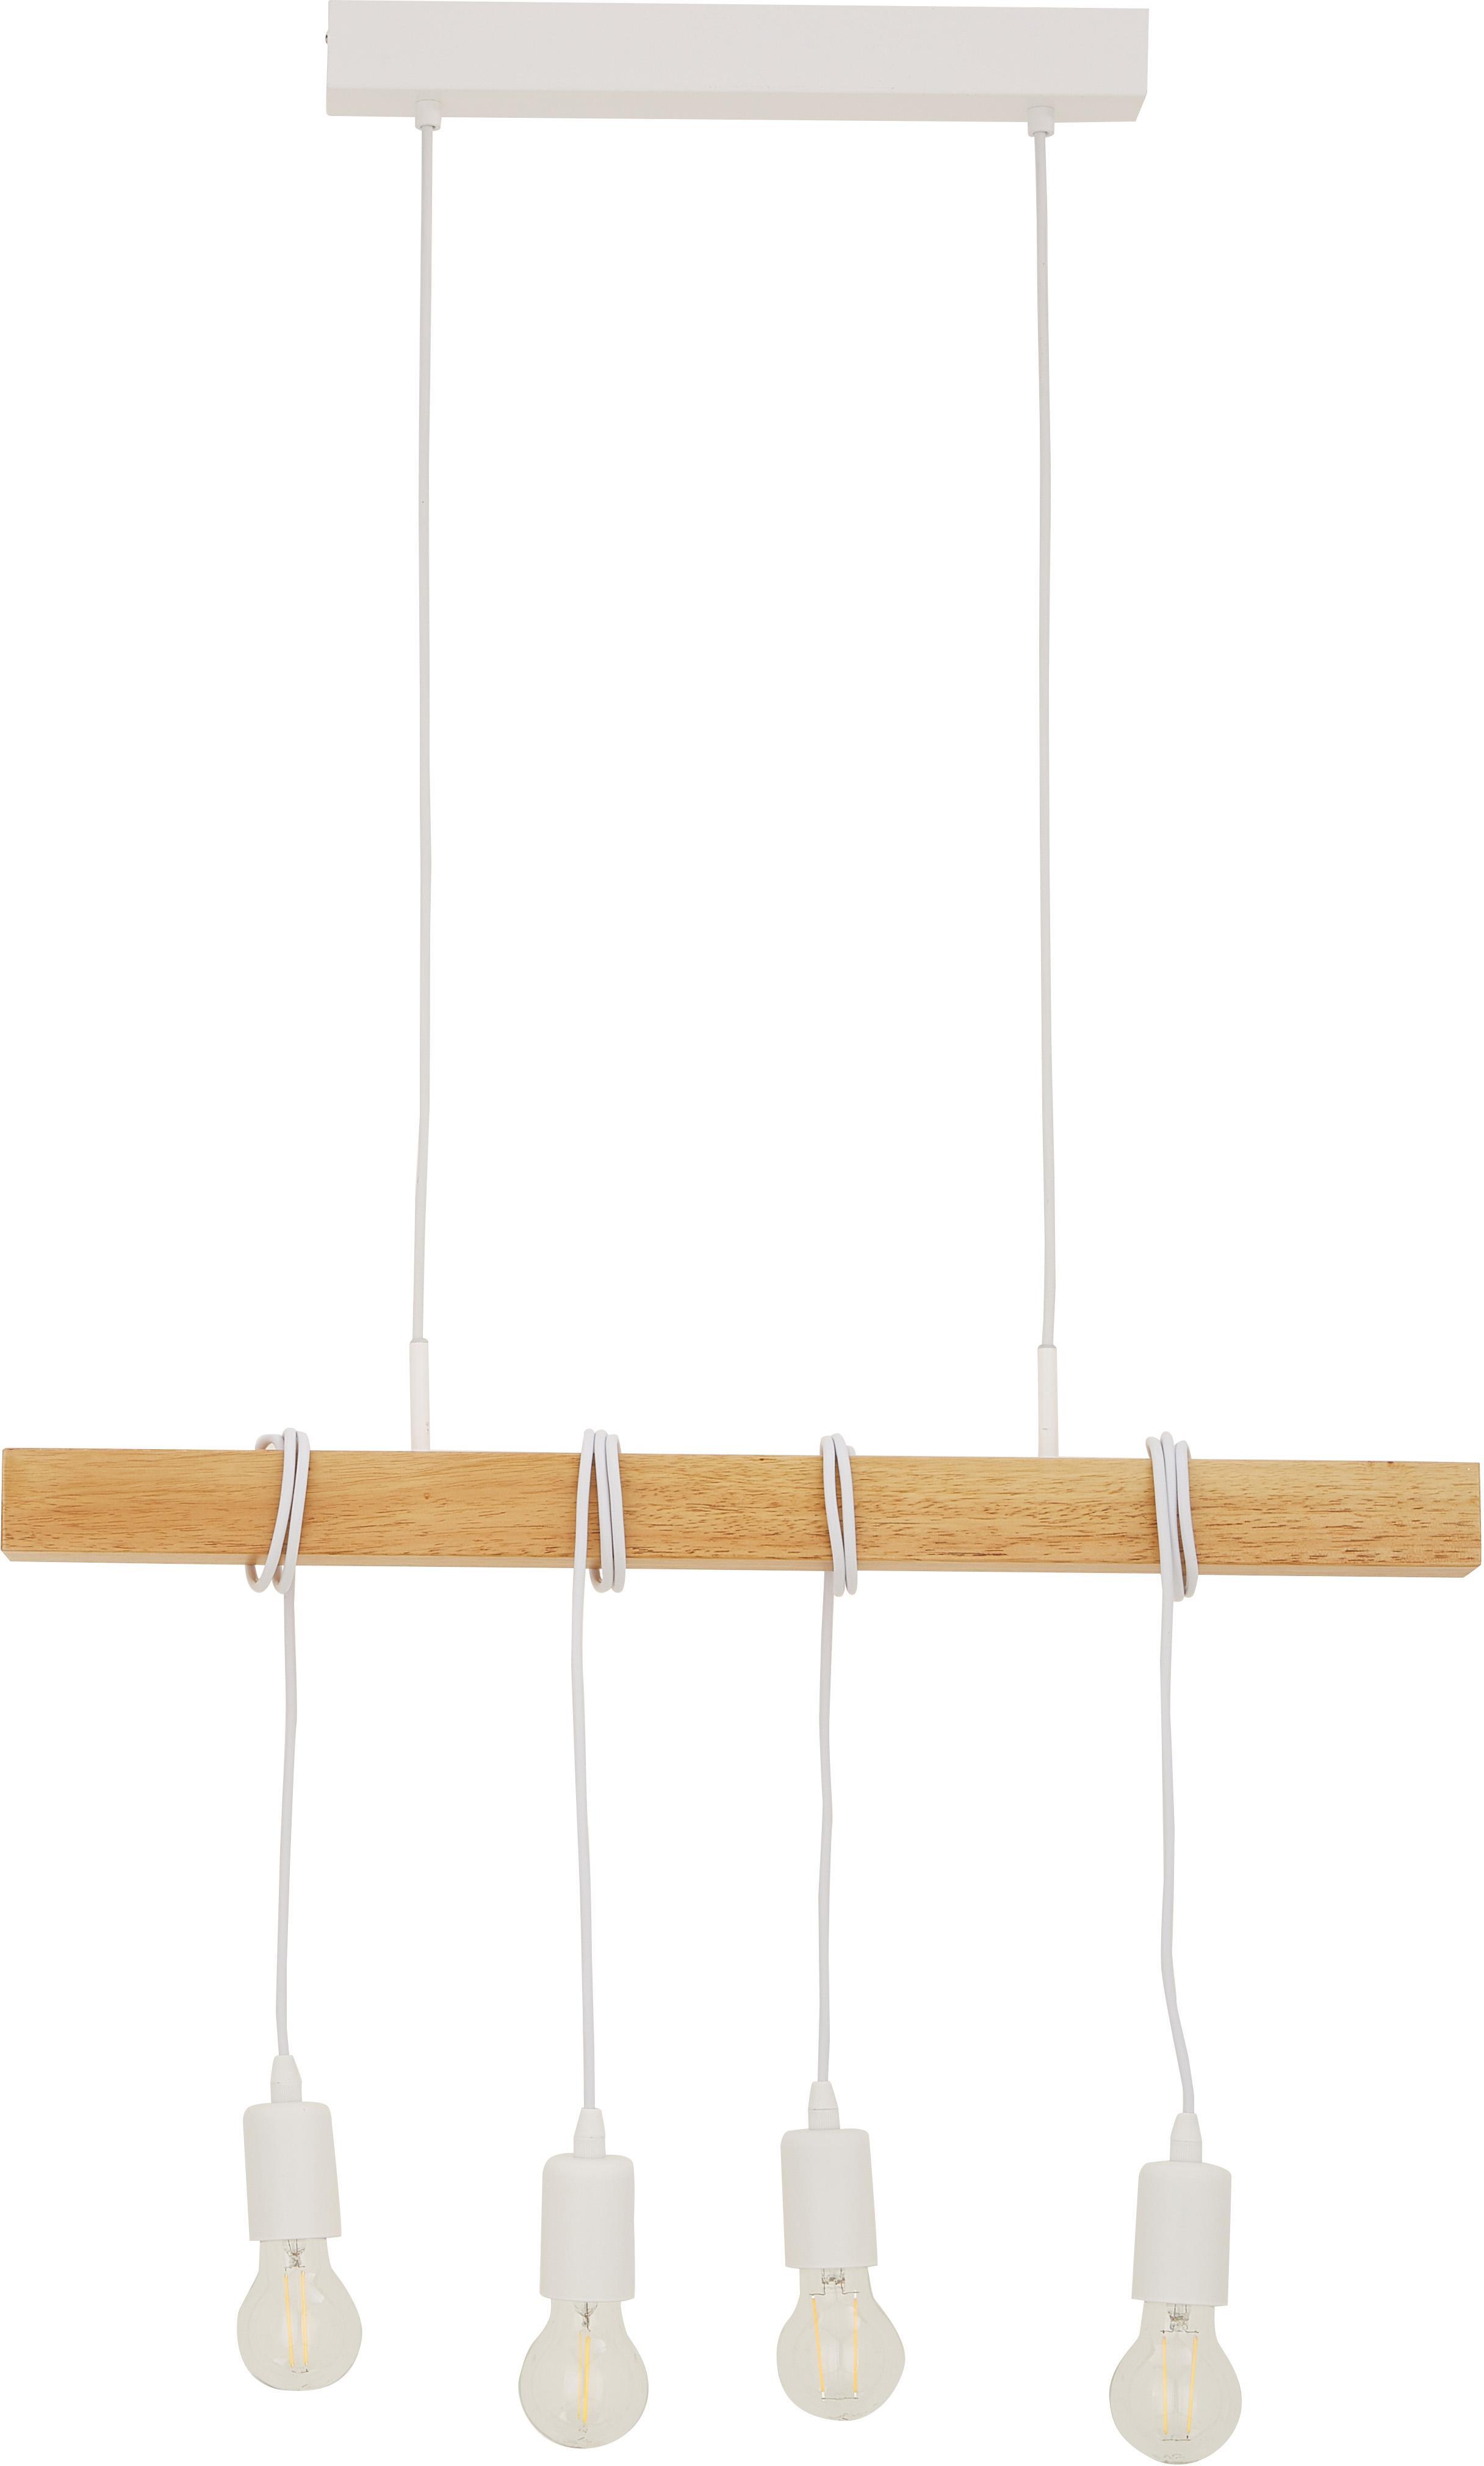 Faretti da soffitto Townshend, Acciaio rivestito, legno, Bianco, legno, Larg. 70 x Alt. 110 cm